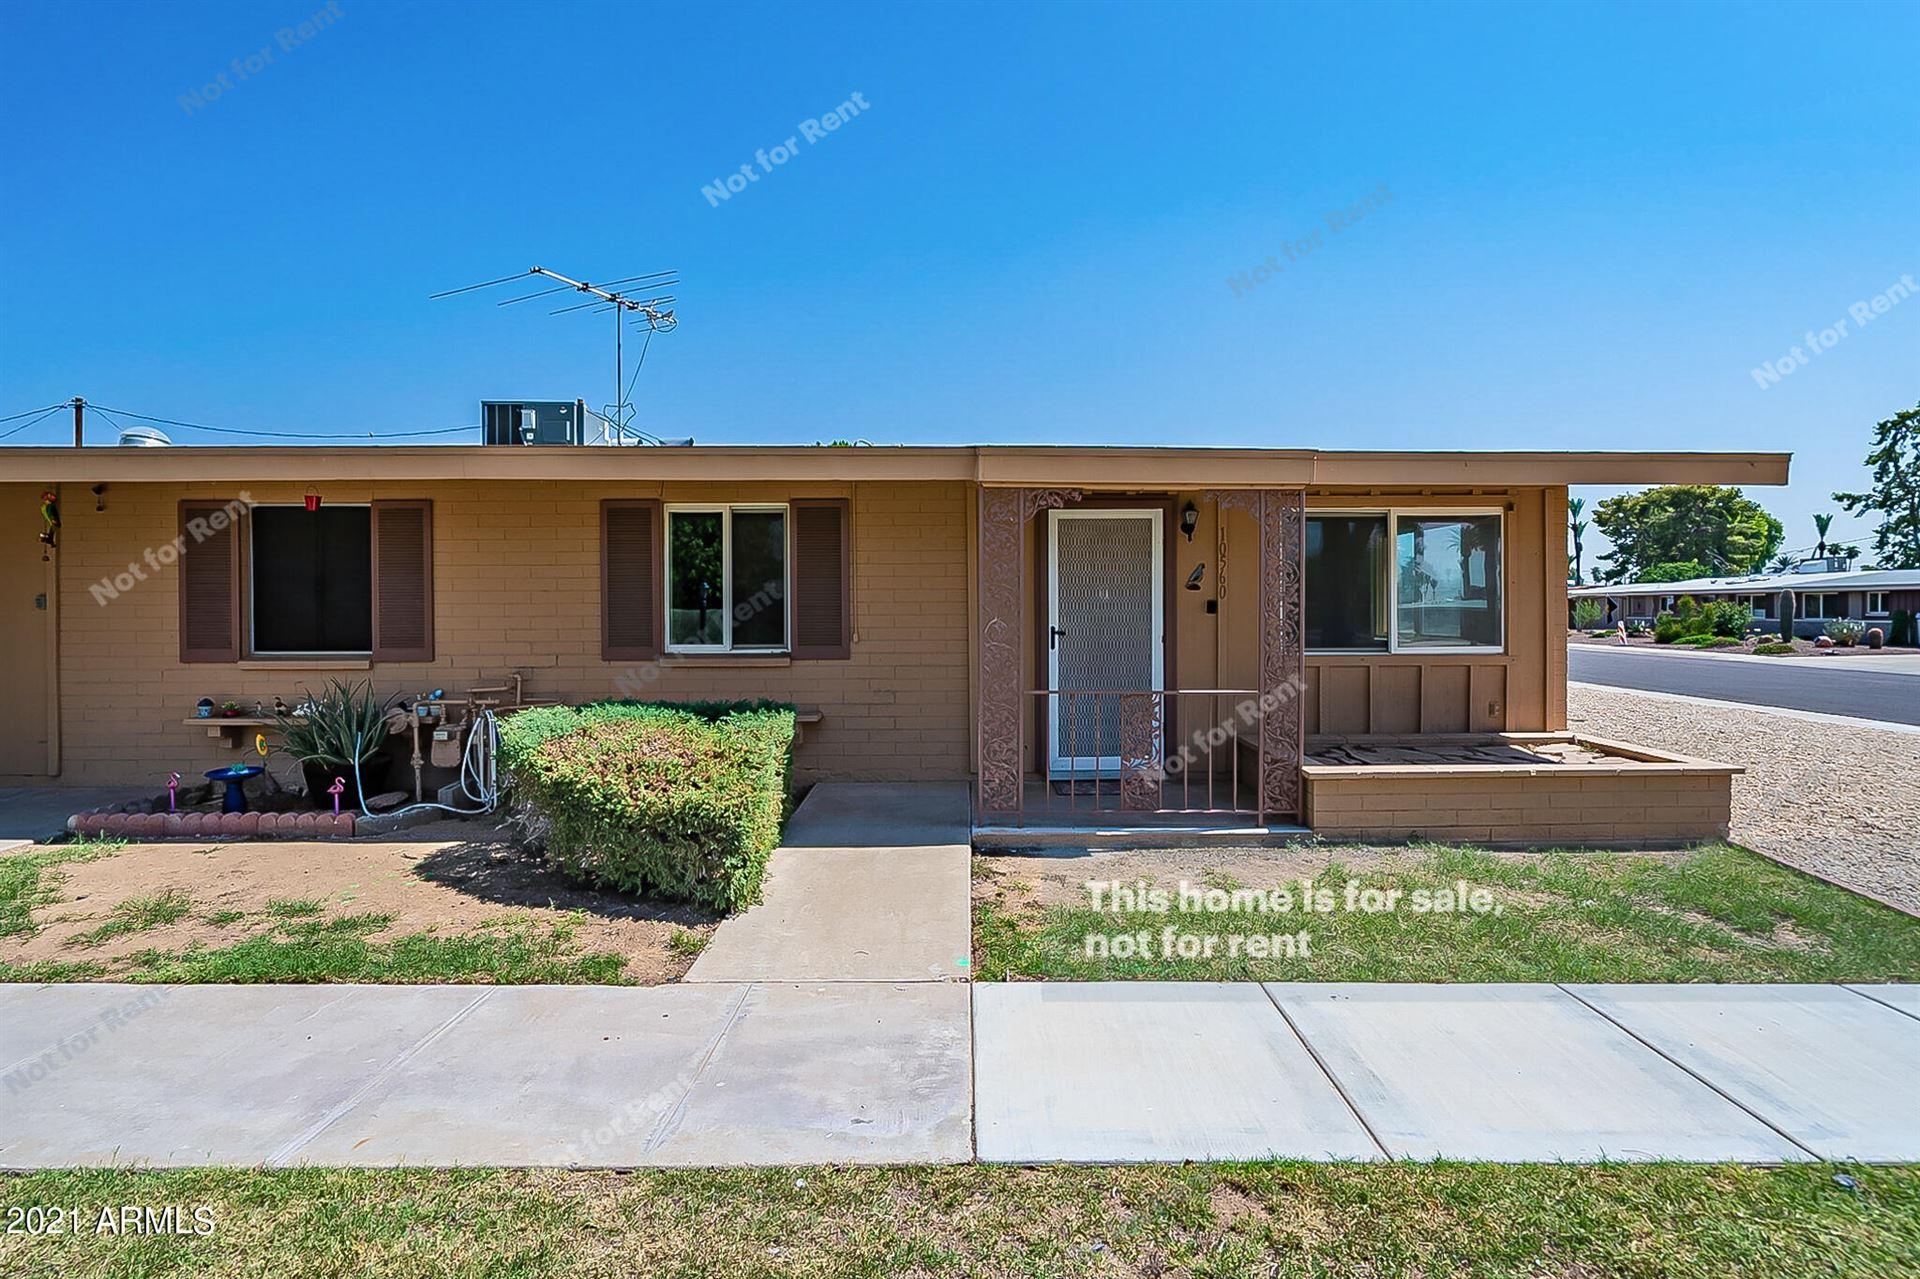 Photo of 10560 W OAKMONT Drive, Sun City, AZ 85351 (MLS # 6294901)